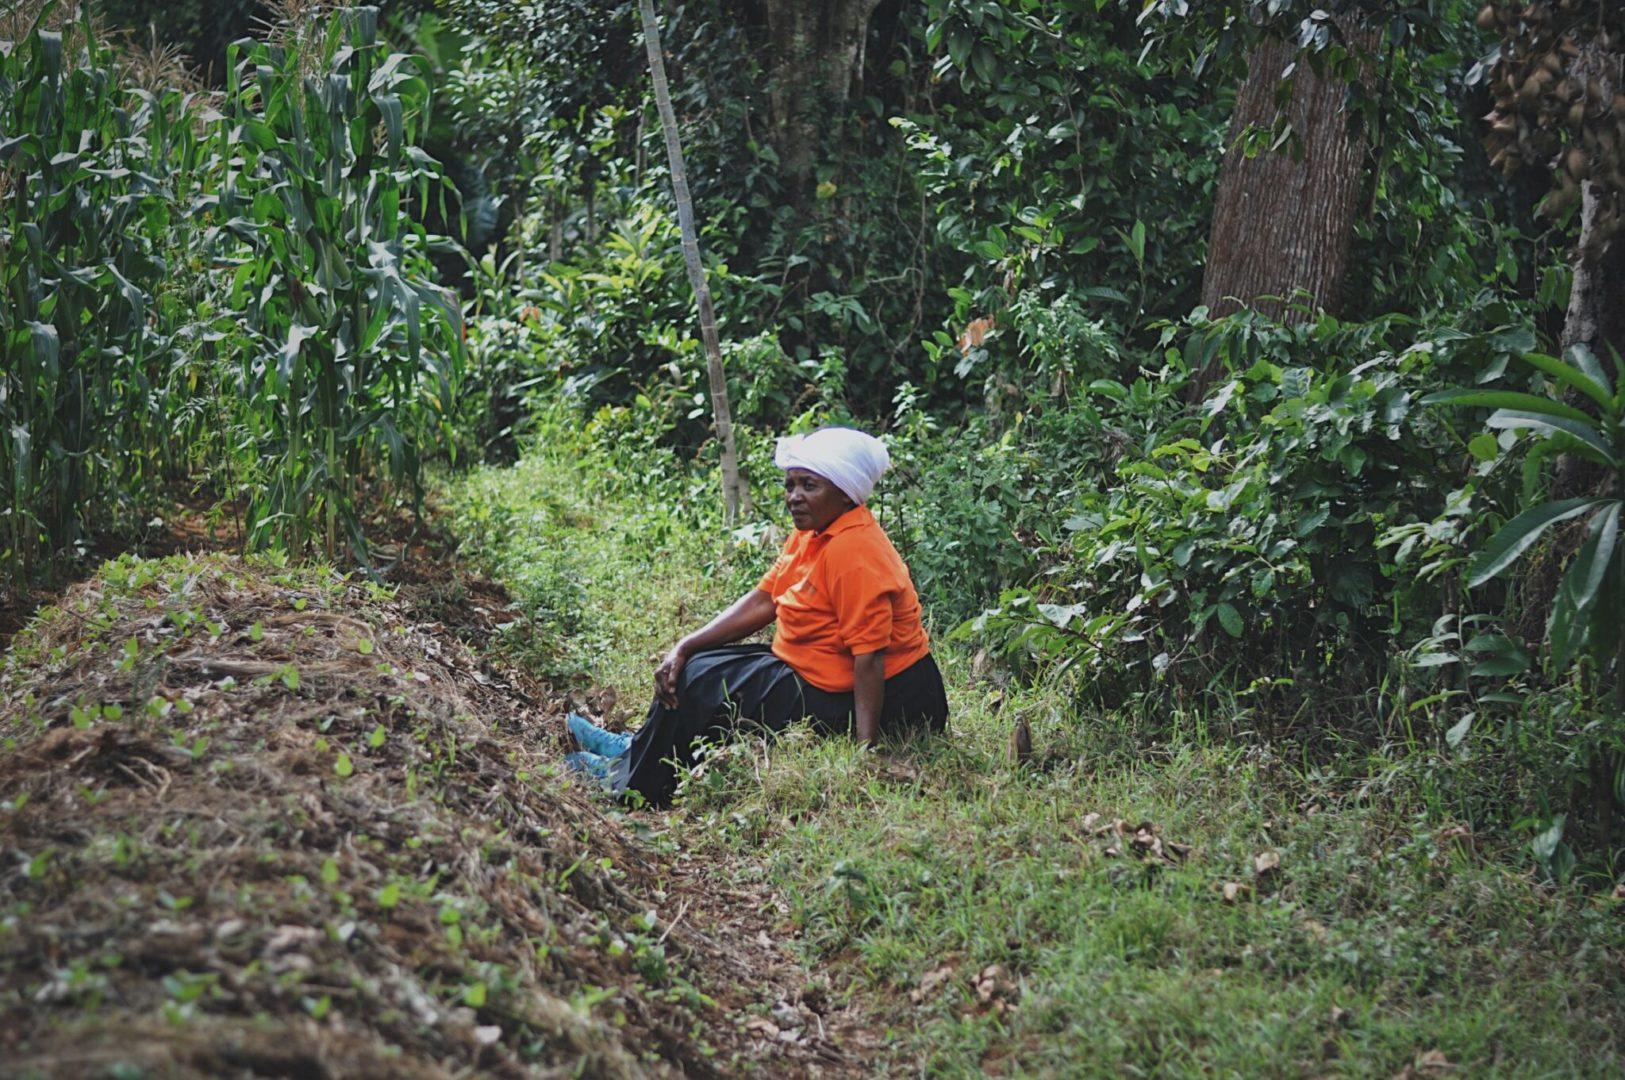 A farmer contemplates in Tanzania